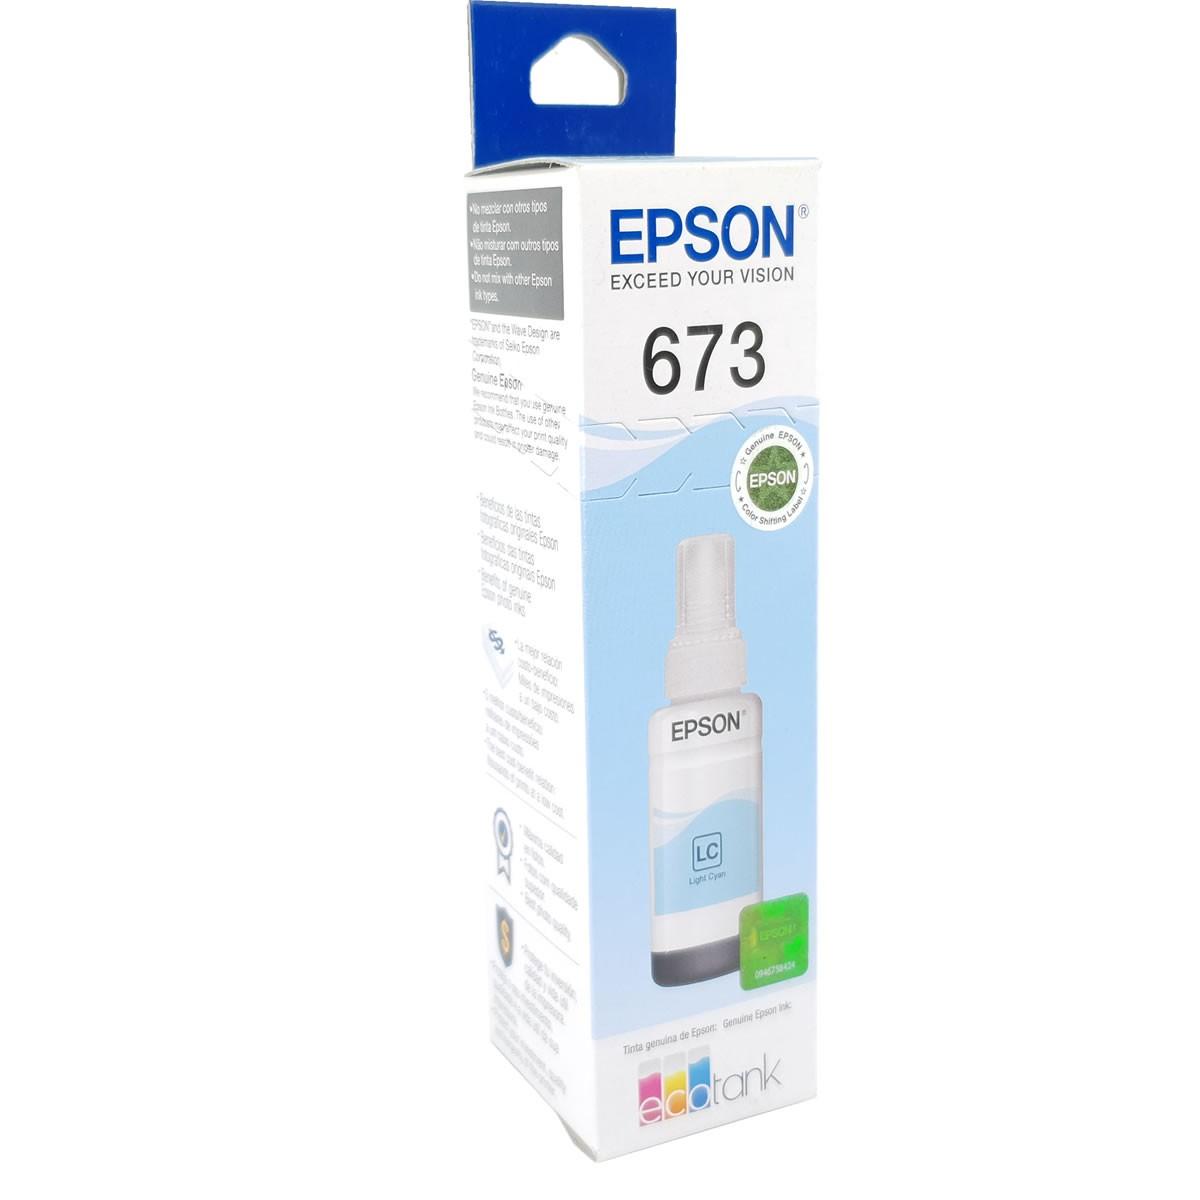 Refil de tinta EPSON T673520 Ciano Light 70ml para ecotank L800 L805 L810 L850 L1800